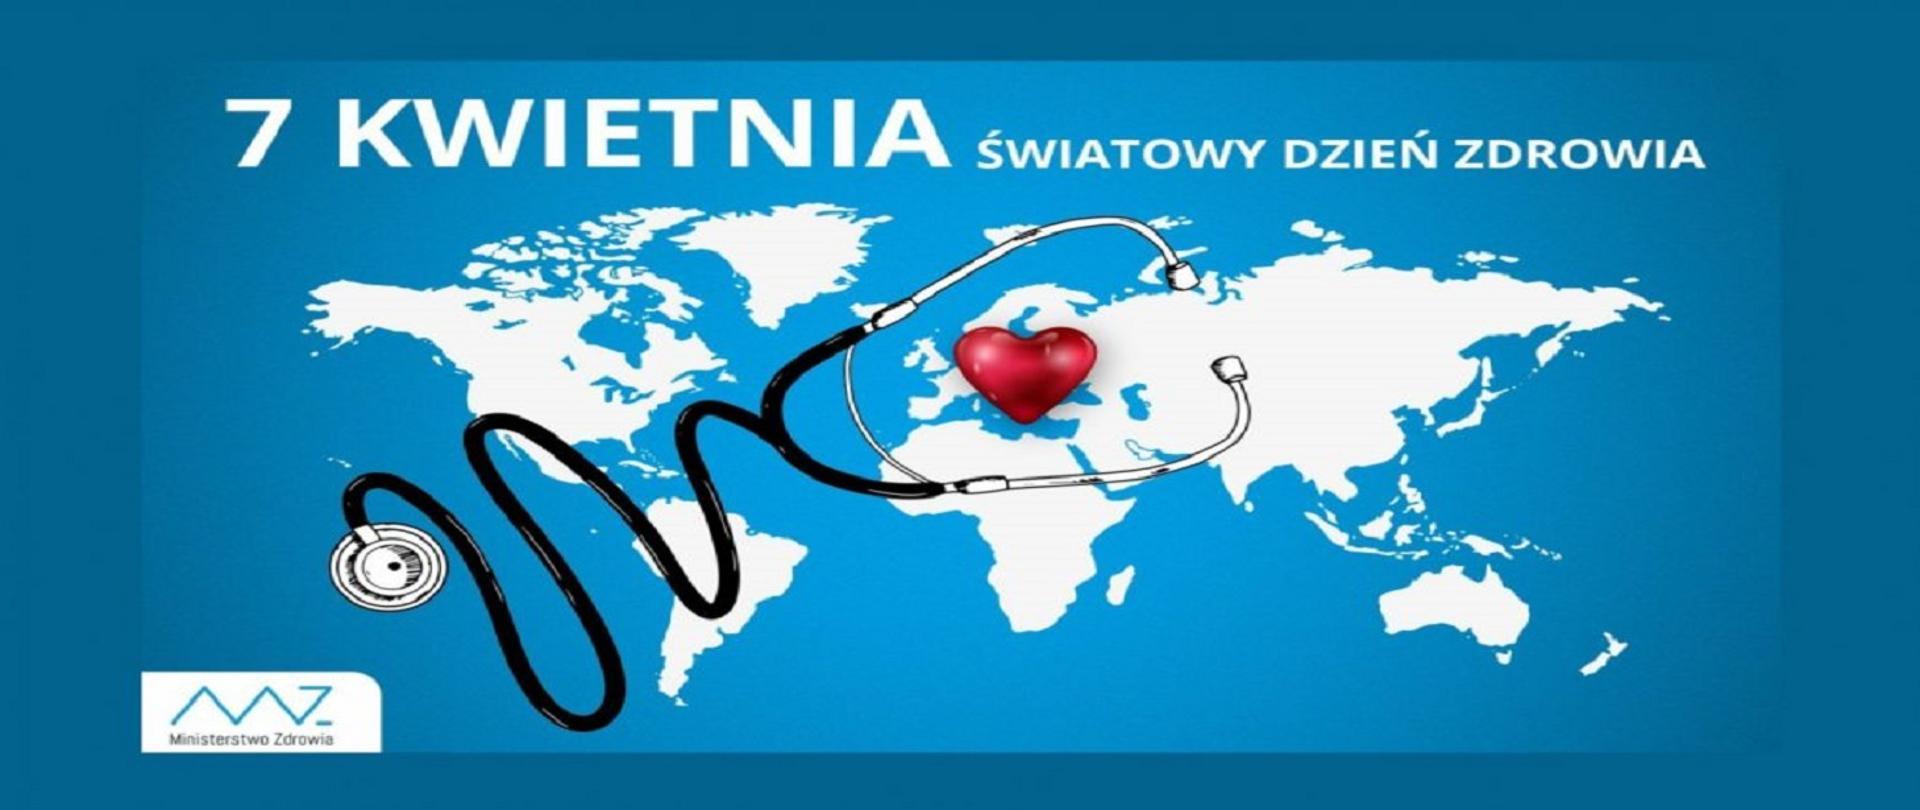 Światowy Dzień Zdrowia 2021 - Powiatowa Stacja Sanitarno-Epidemiologiczna w  Koninie - Portal Gov.pl